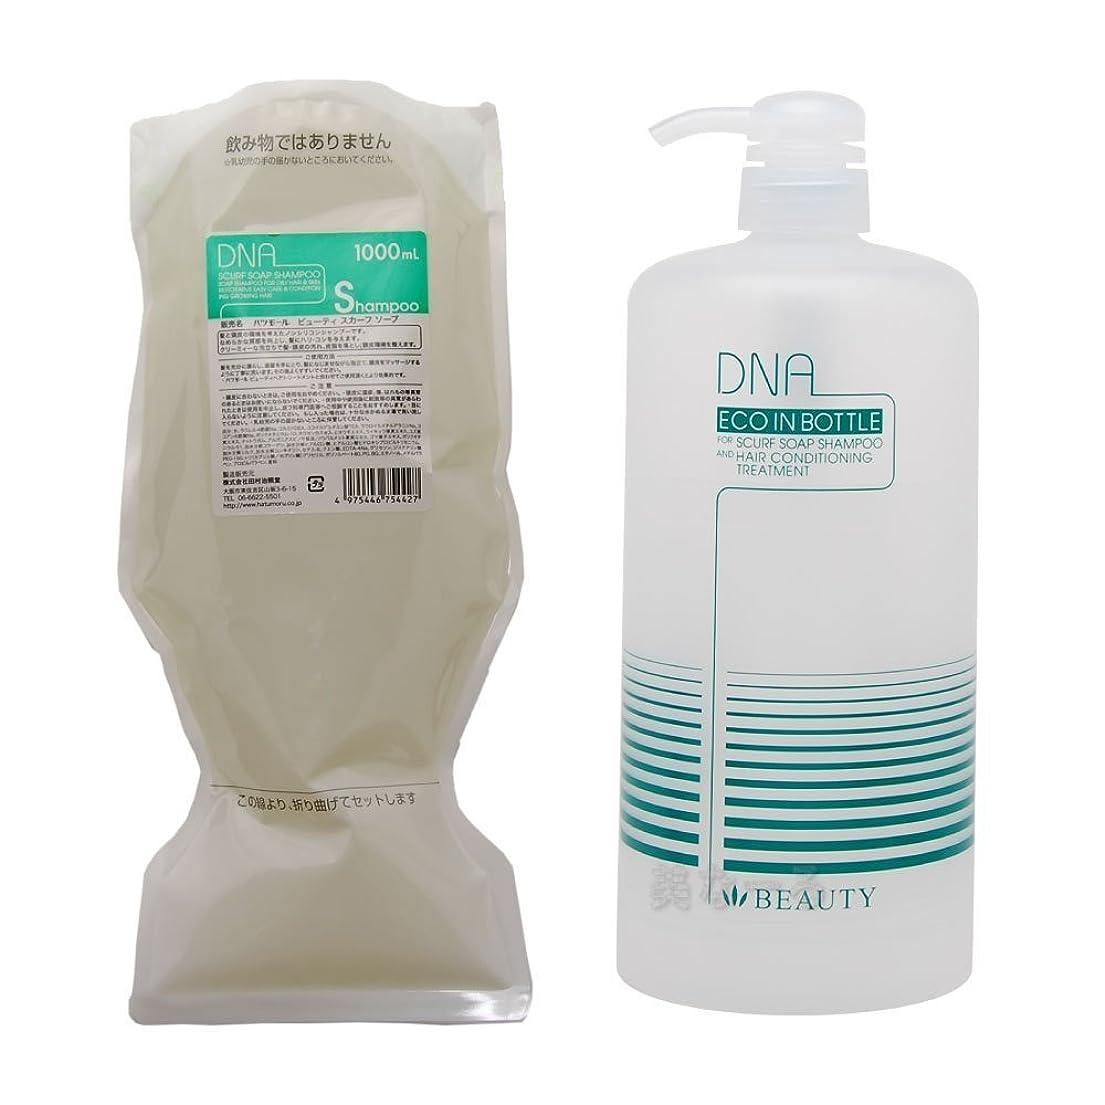 サルベージかき混ぜるはぁハツモール ビューティースカーフソープ DNA シャンプー 1000ml &専用空ボトル